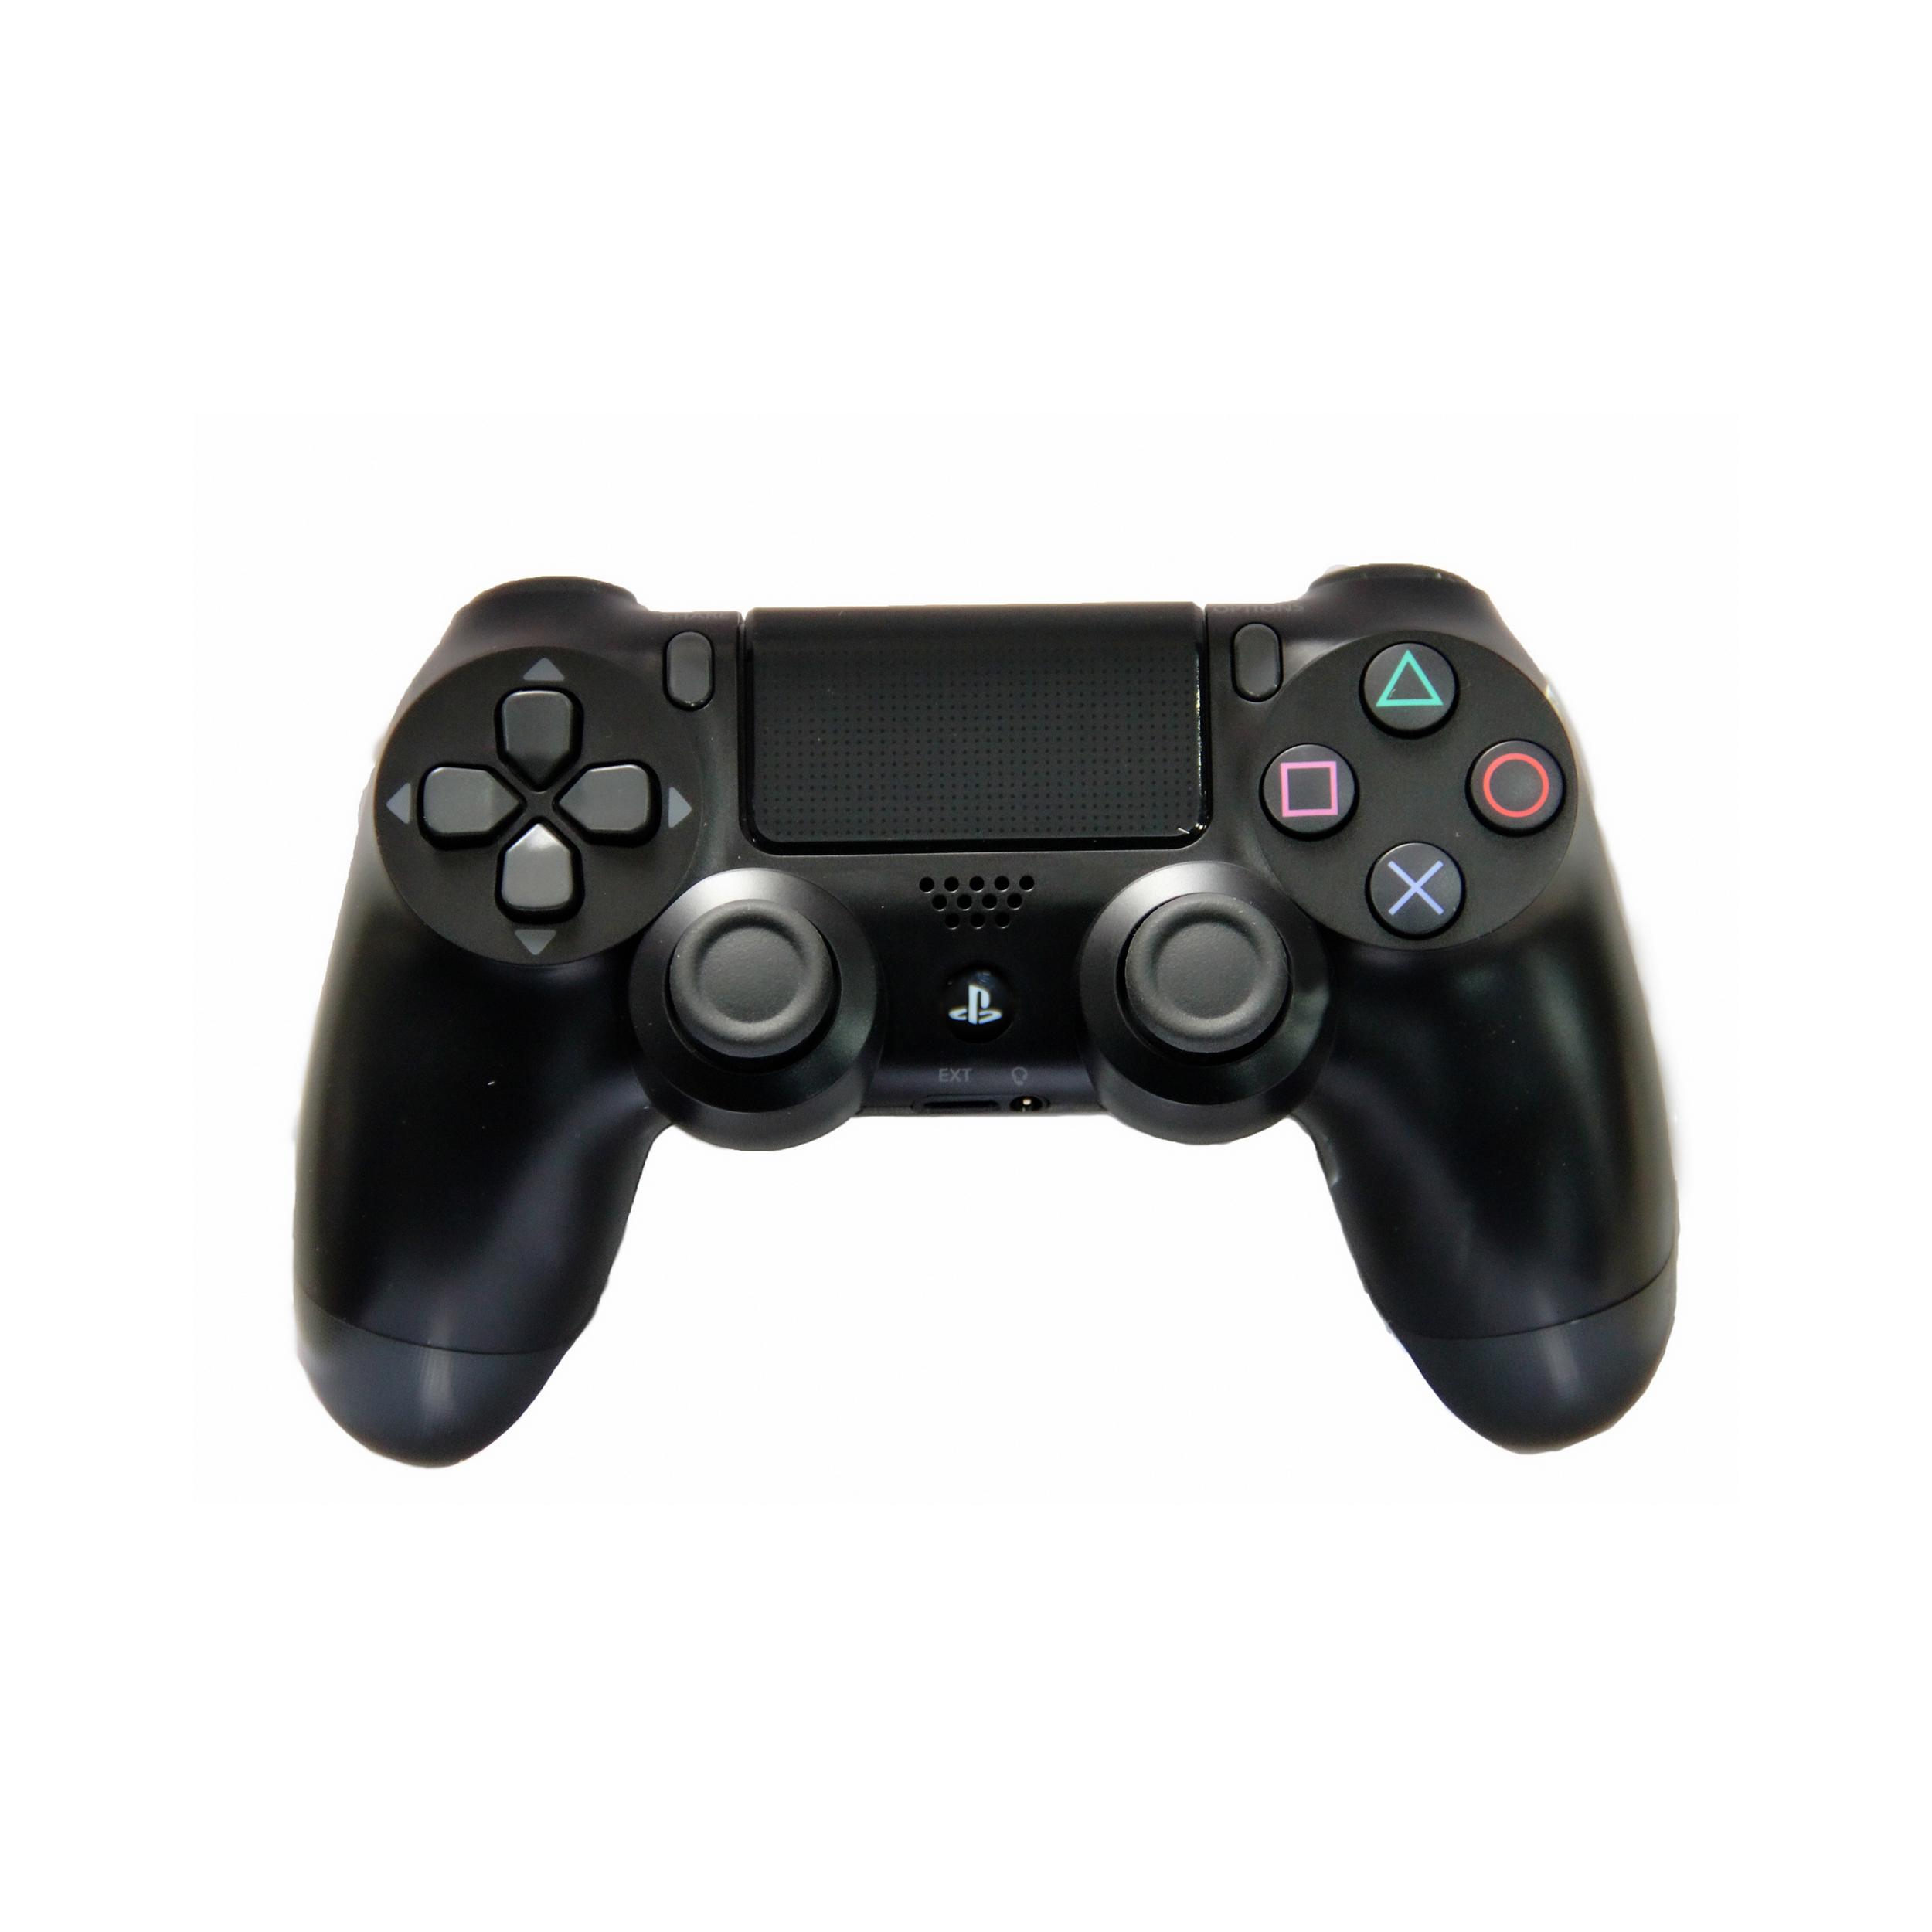 بررسی و {خرید با تخفیف}                                     دسته بازی پلی استیشن 4  مدل DualShock سری 2021 کد m1                     غیر اصلاصل